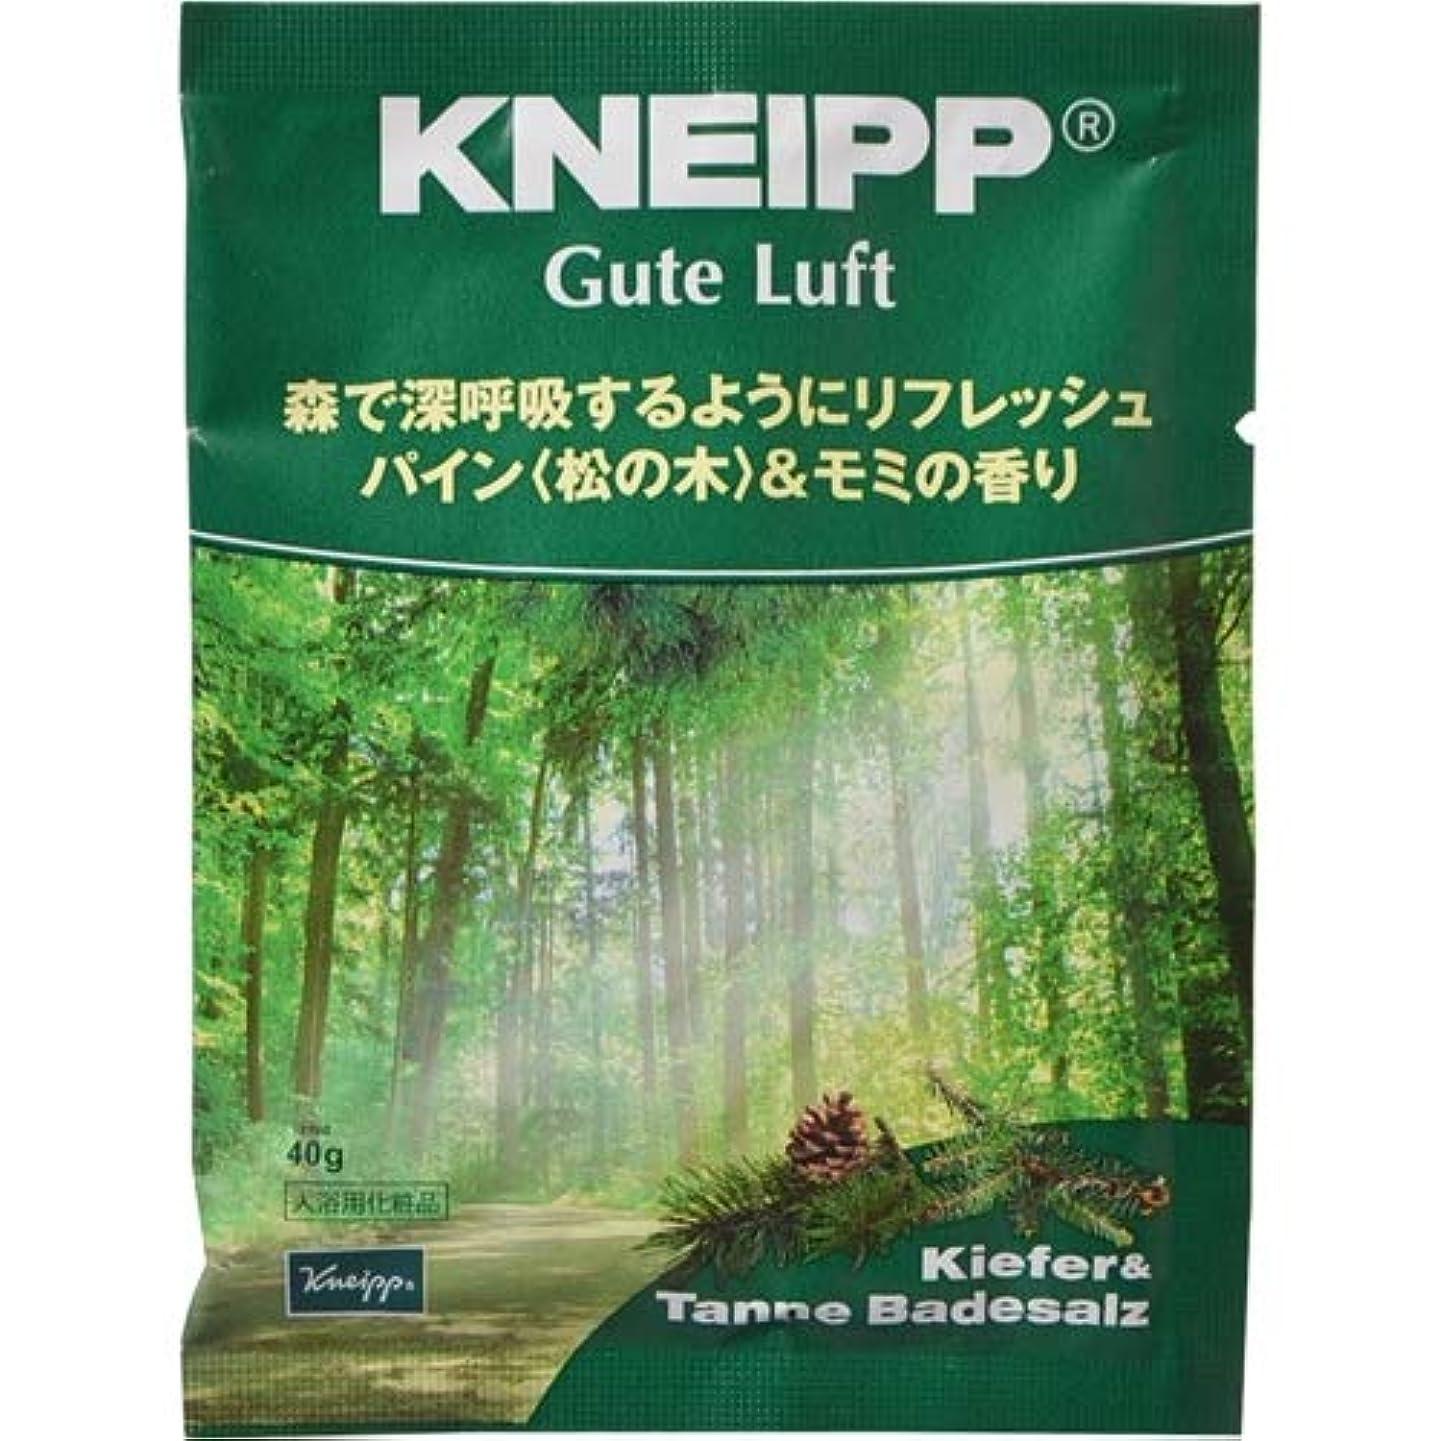 回る揃えるクナイプ?ジャパン クナイプ グーテルフト バスソルト パイン<松の木>&モミの香り 40g